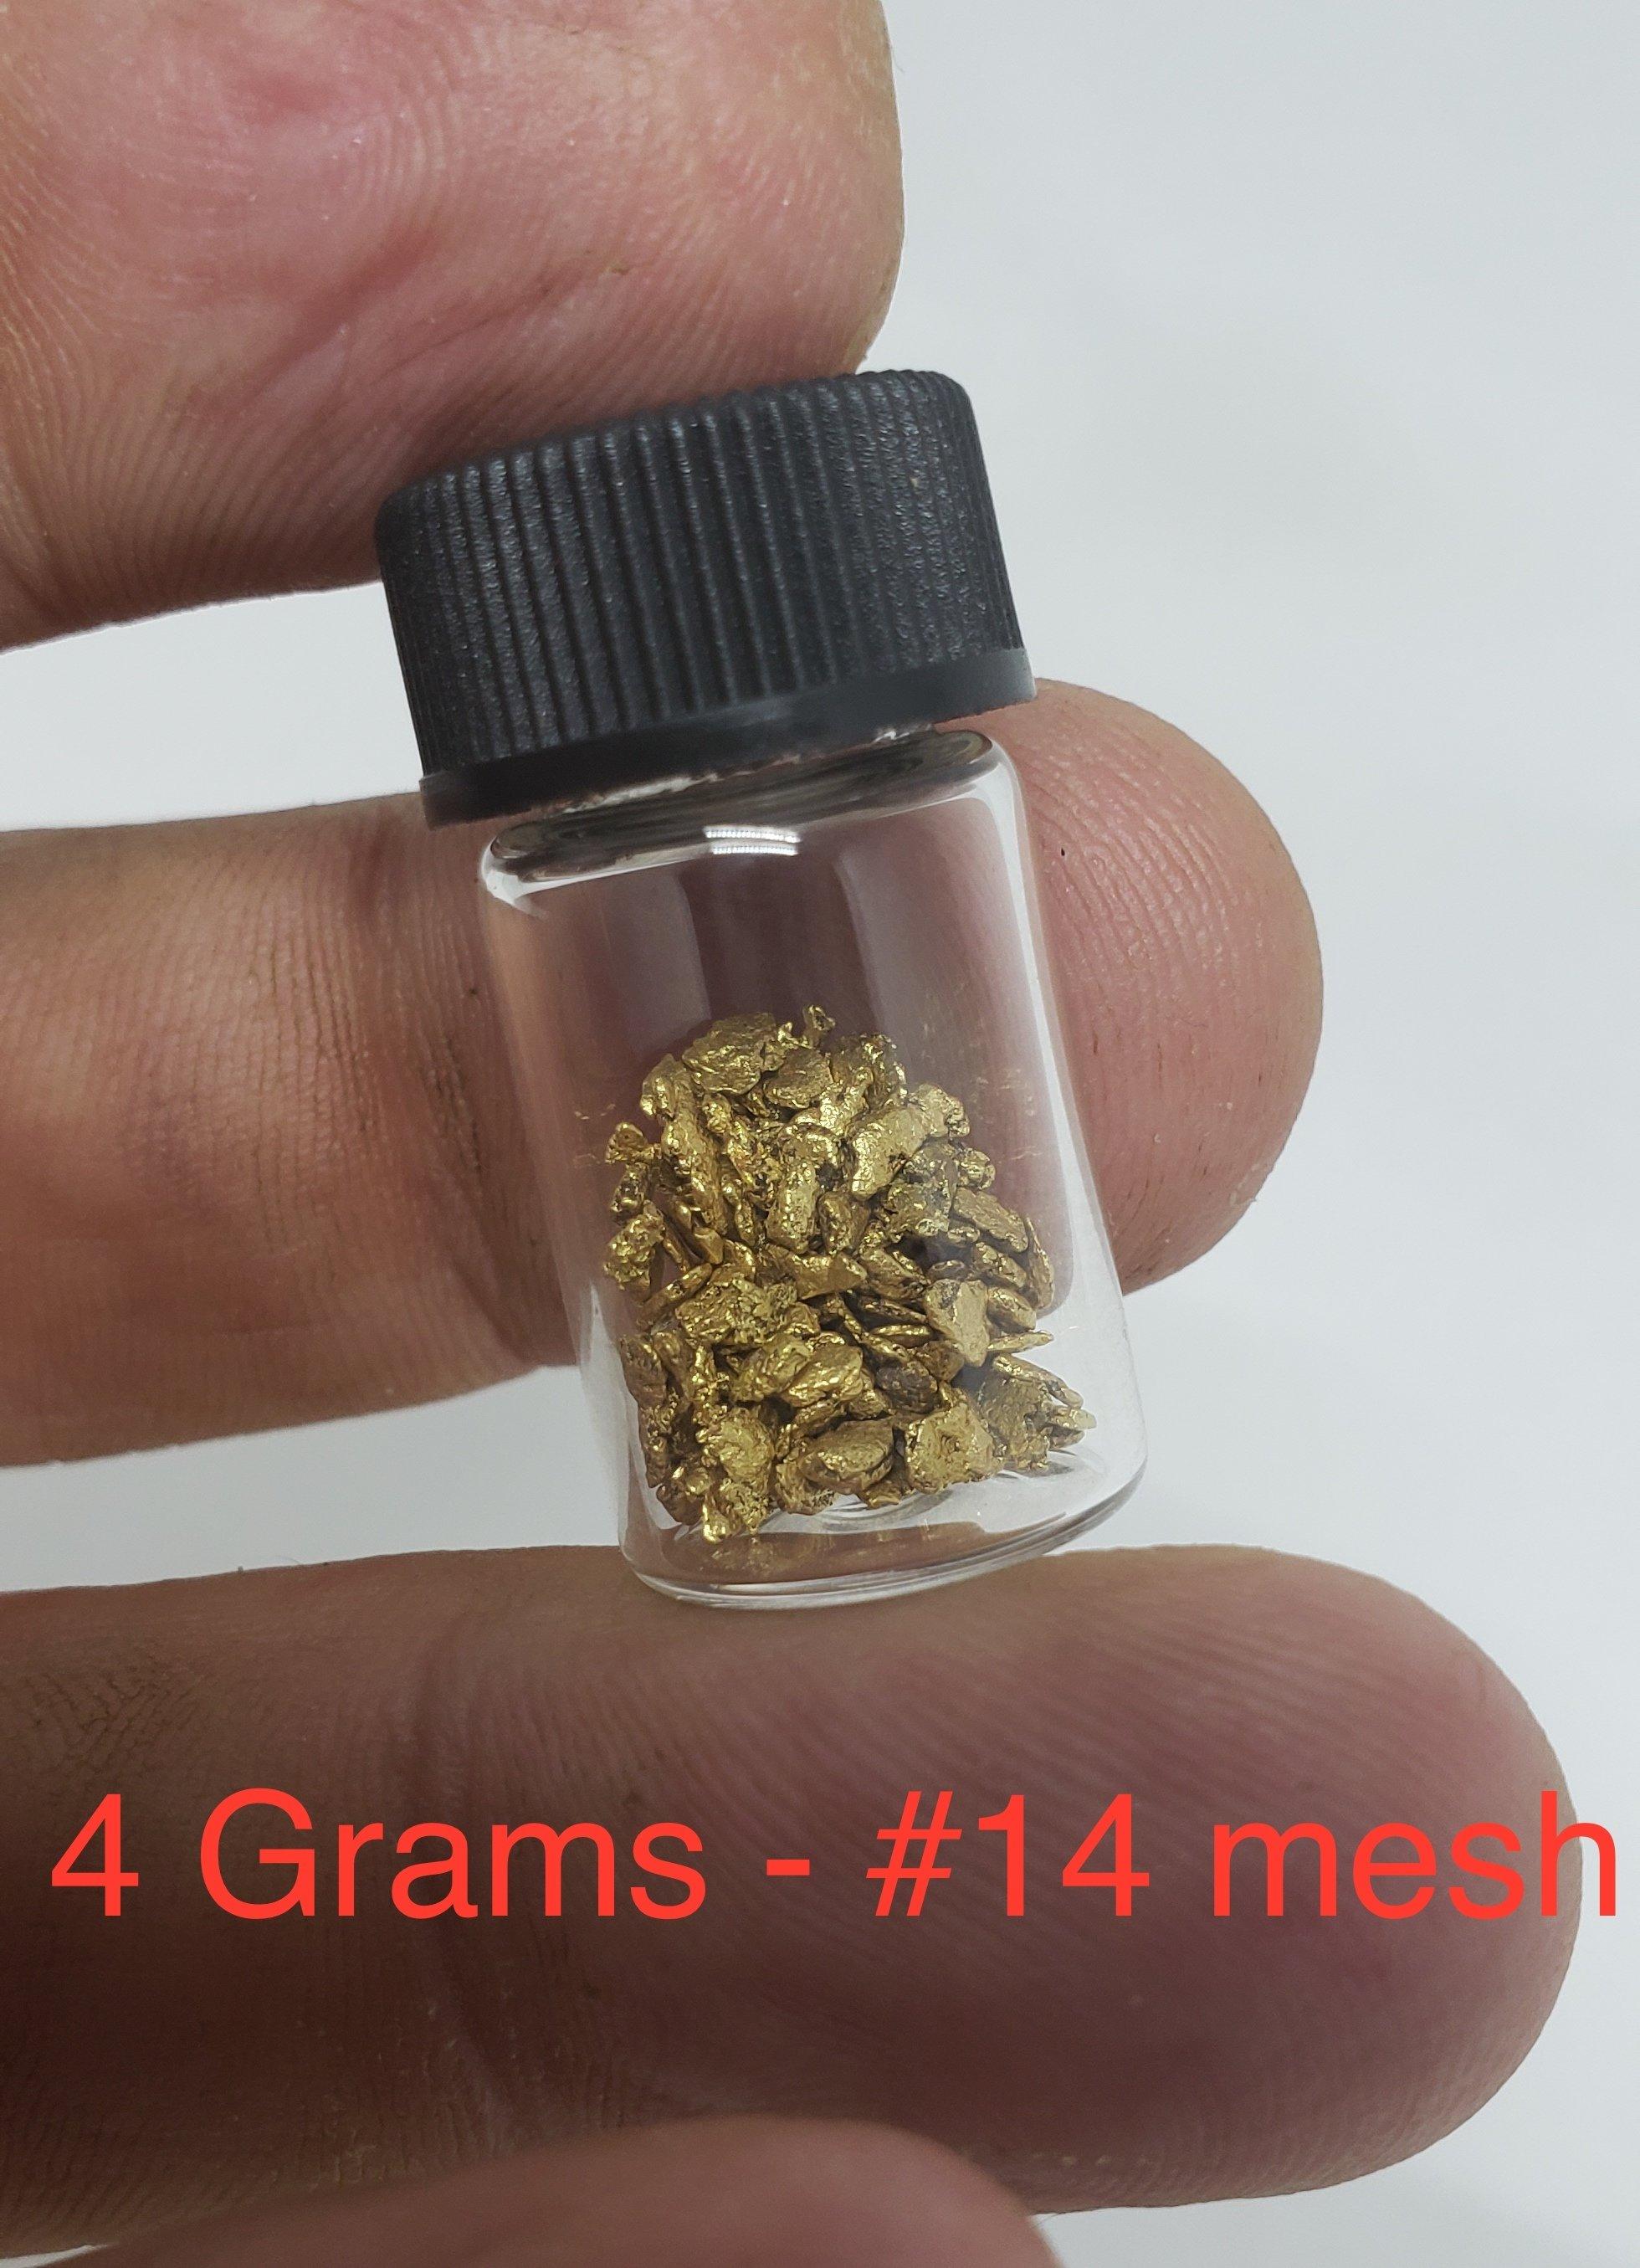 4 grams #14 mesh